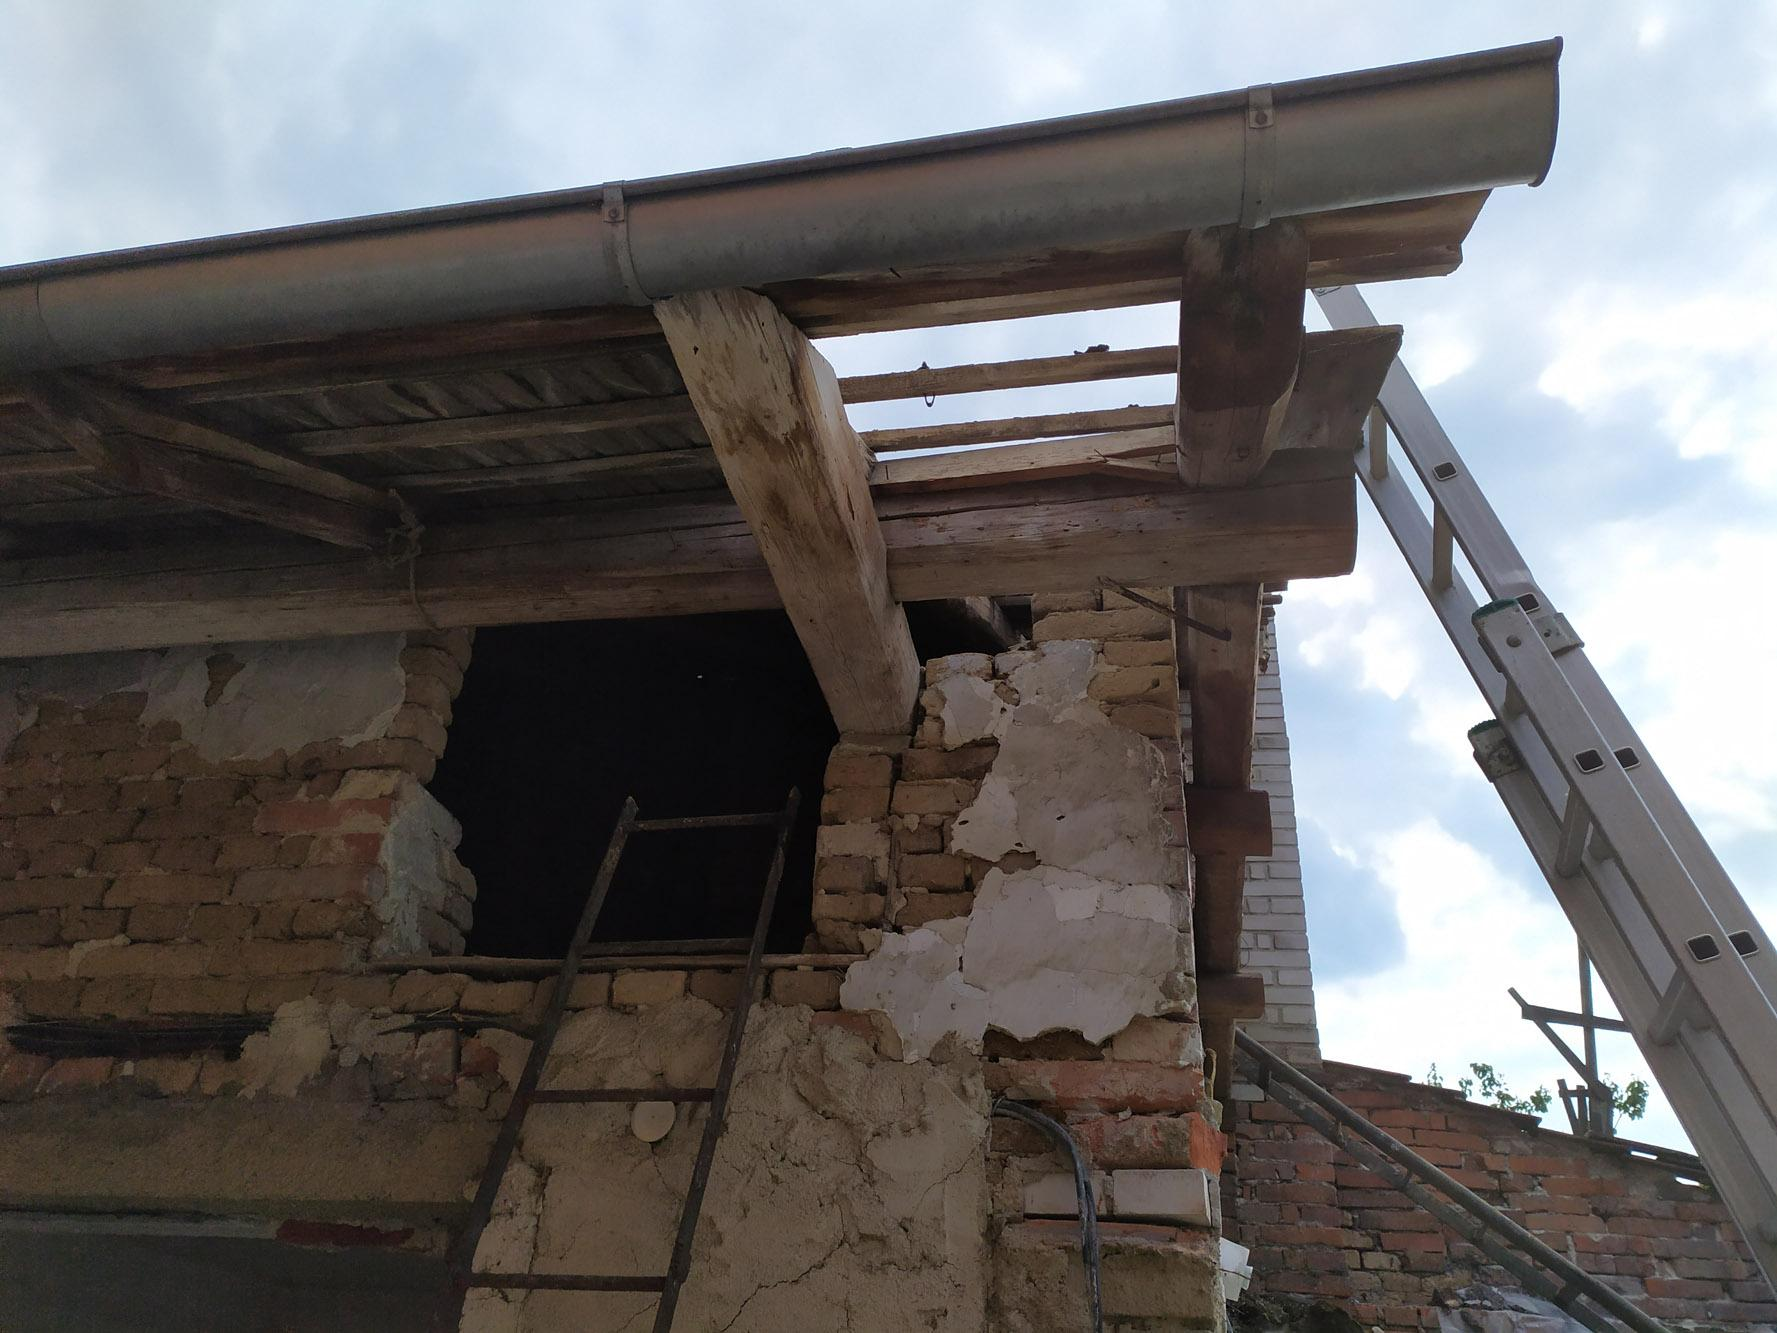 Bourání staré a stavba nové řadovky - Začala demontáž střechy. Asi nejlepší část bourání.